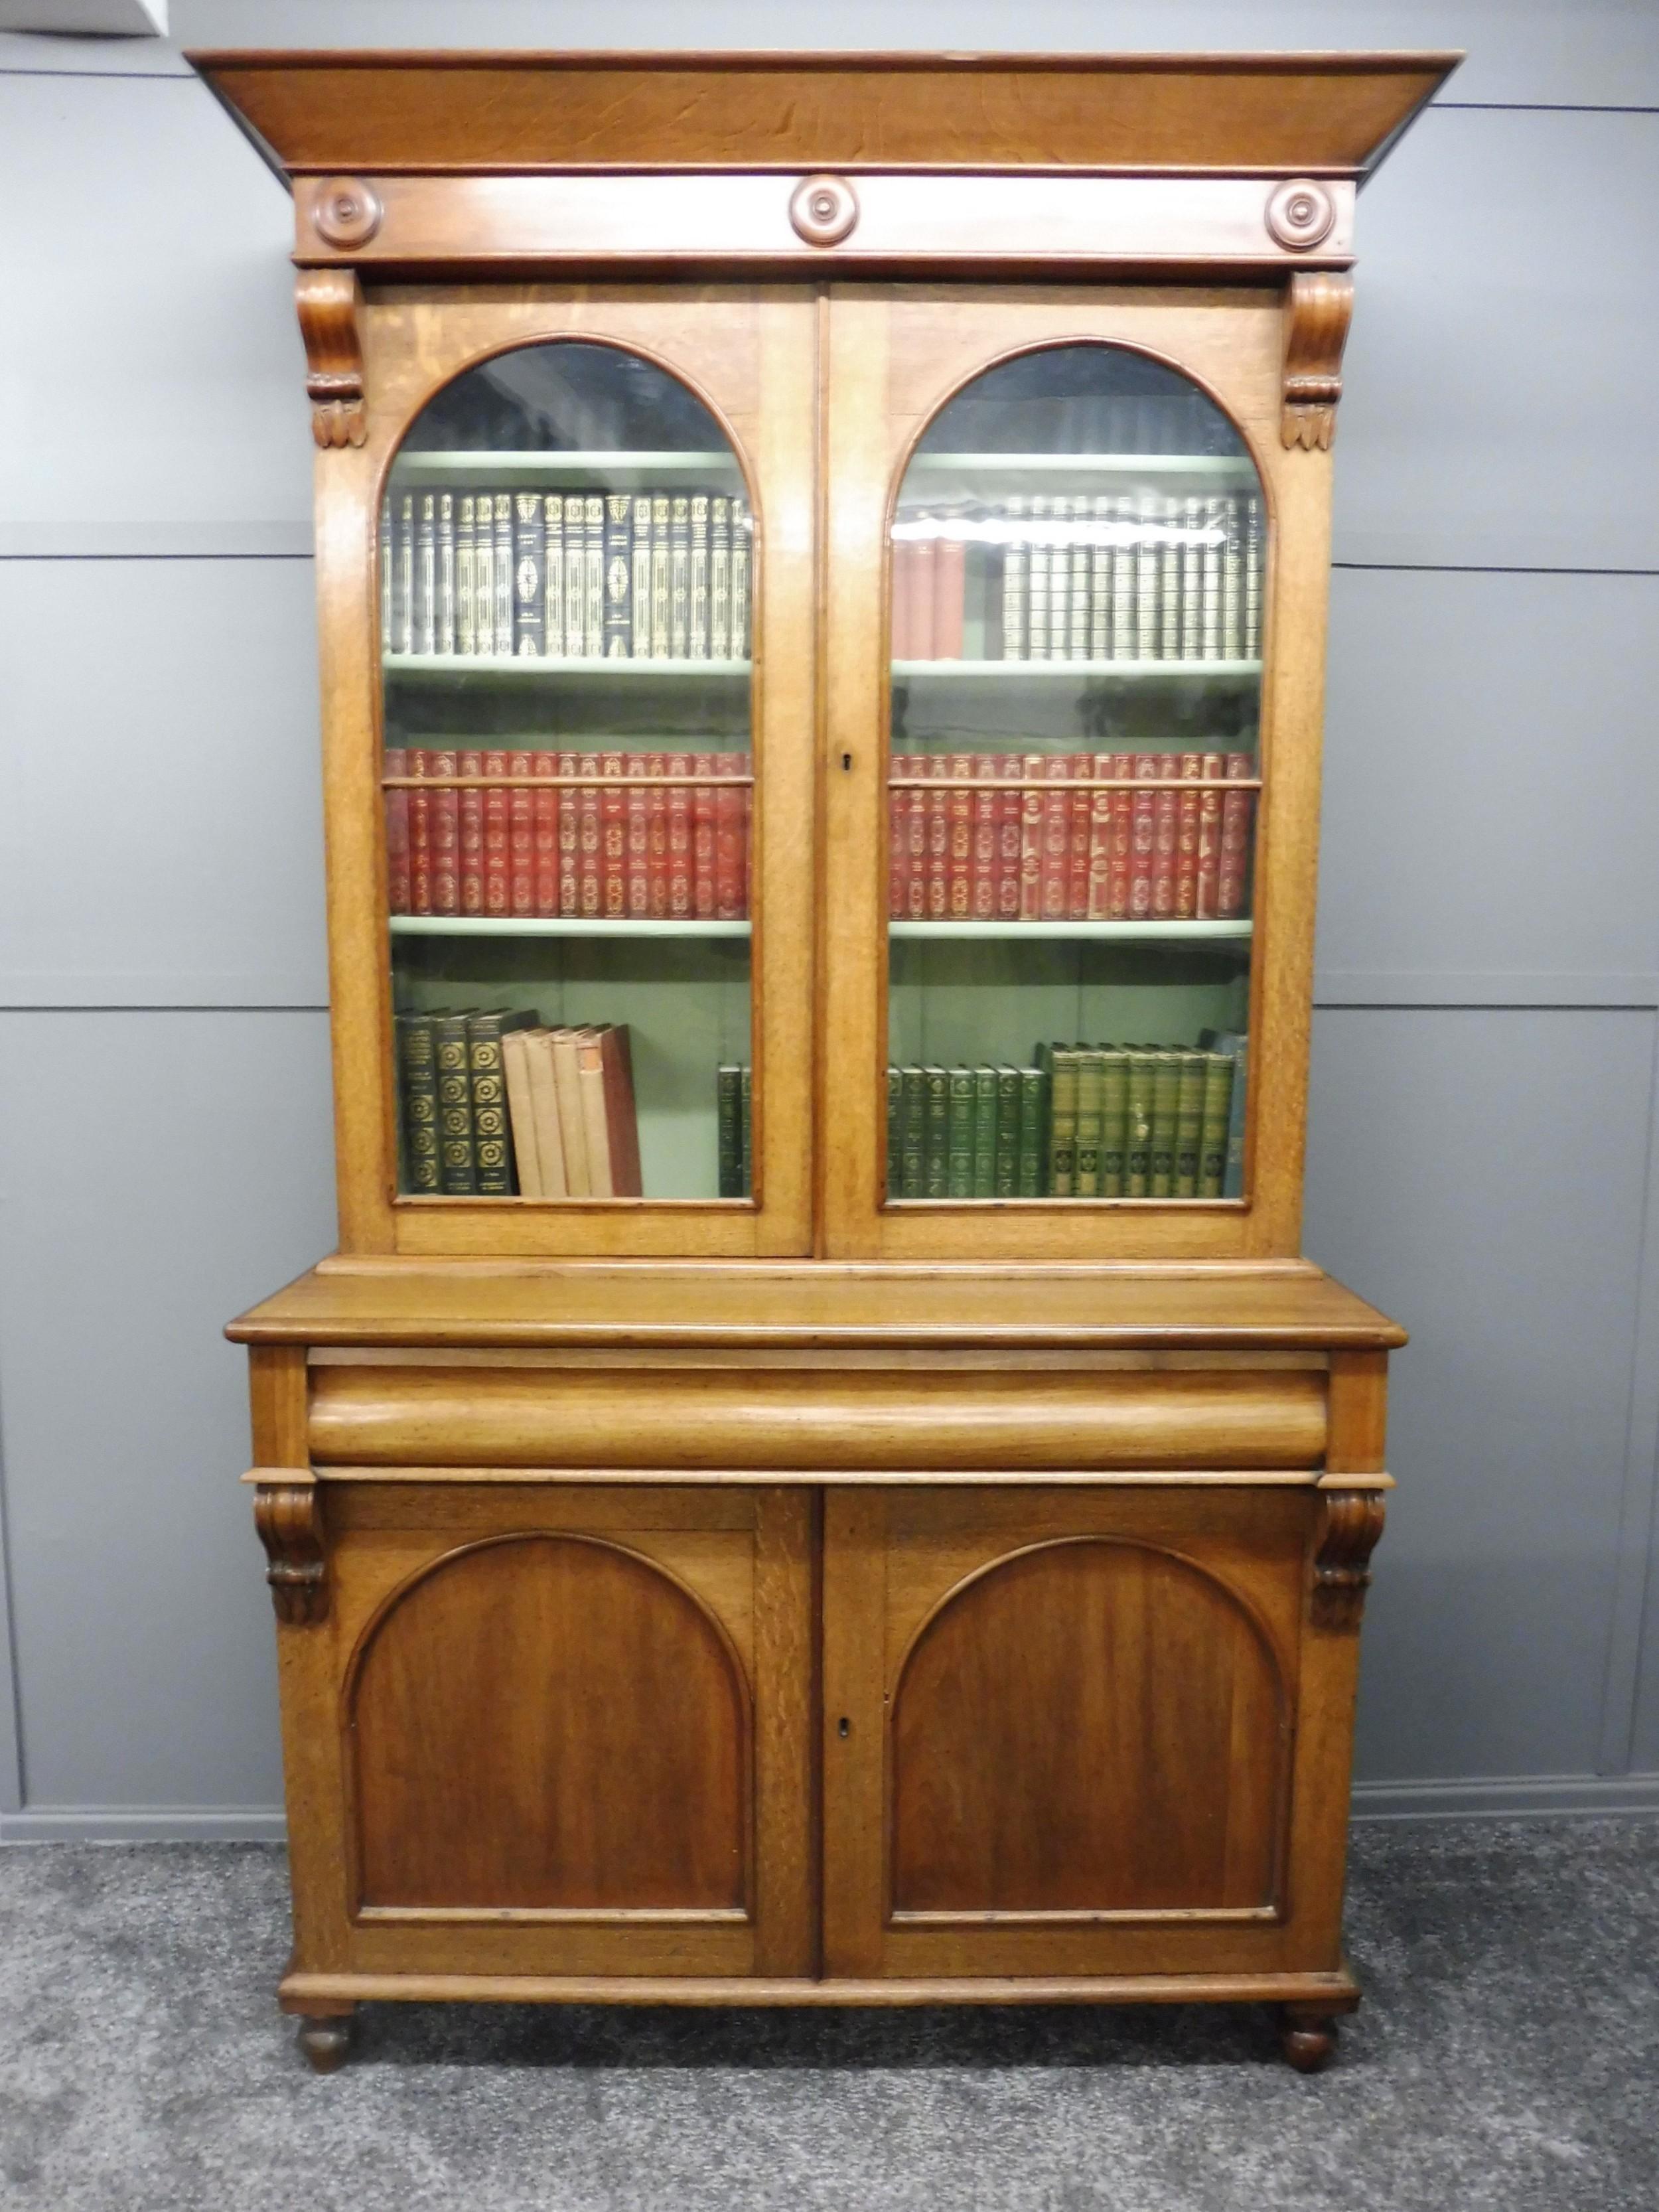 19th century oak and mahogany bookcase